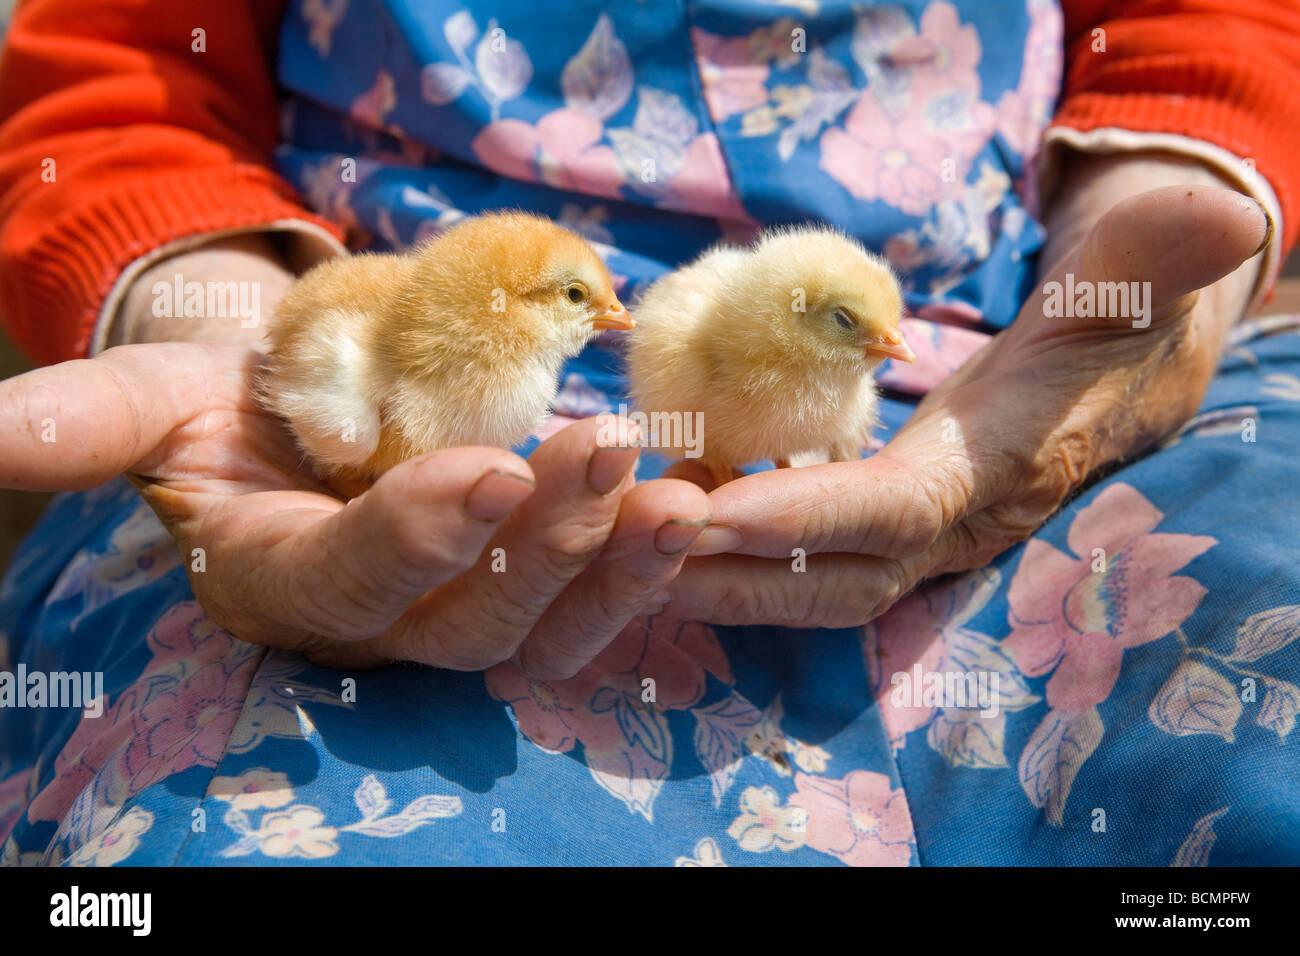 Vieux Paysan woman holding poulet dans ses mains ridées Photo Stock